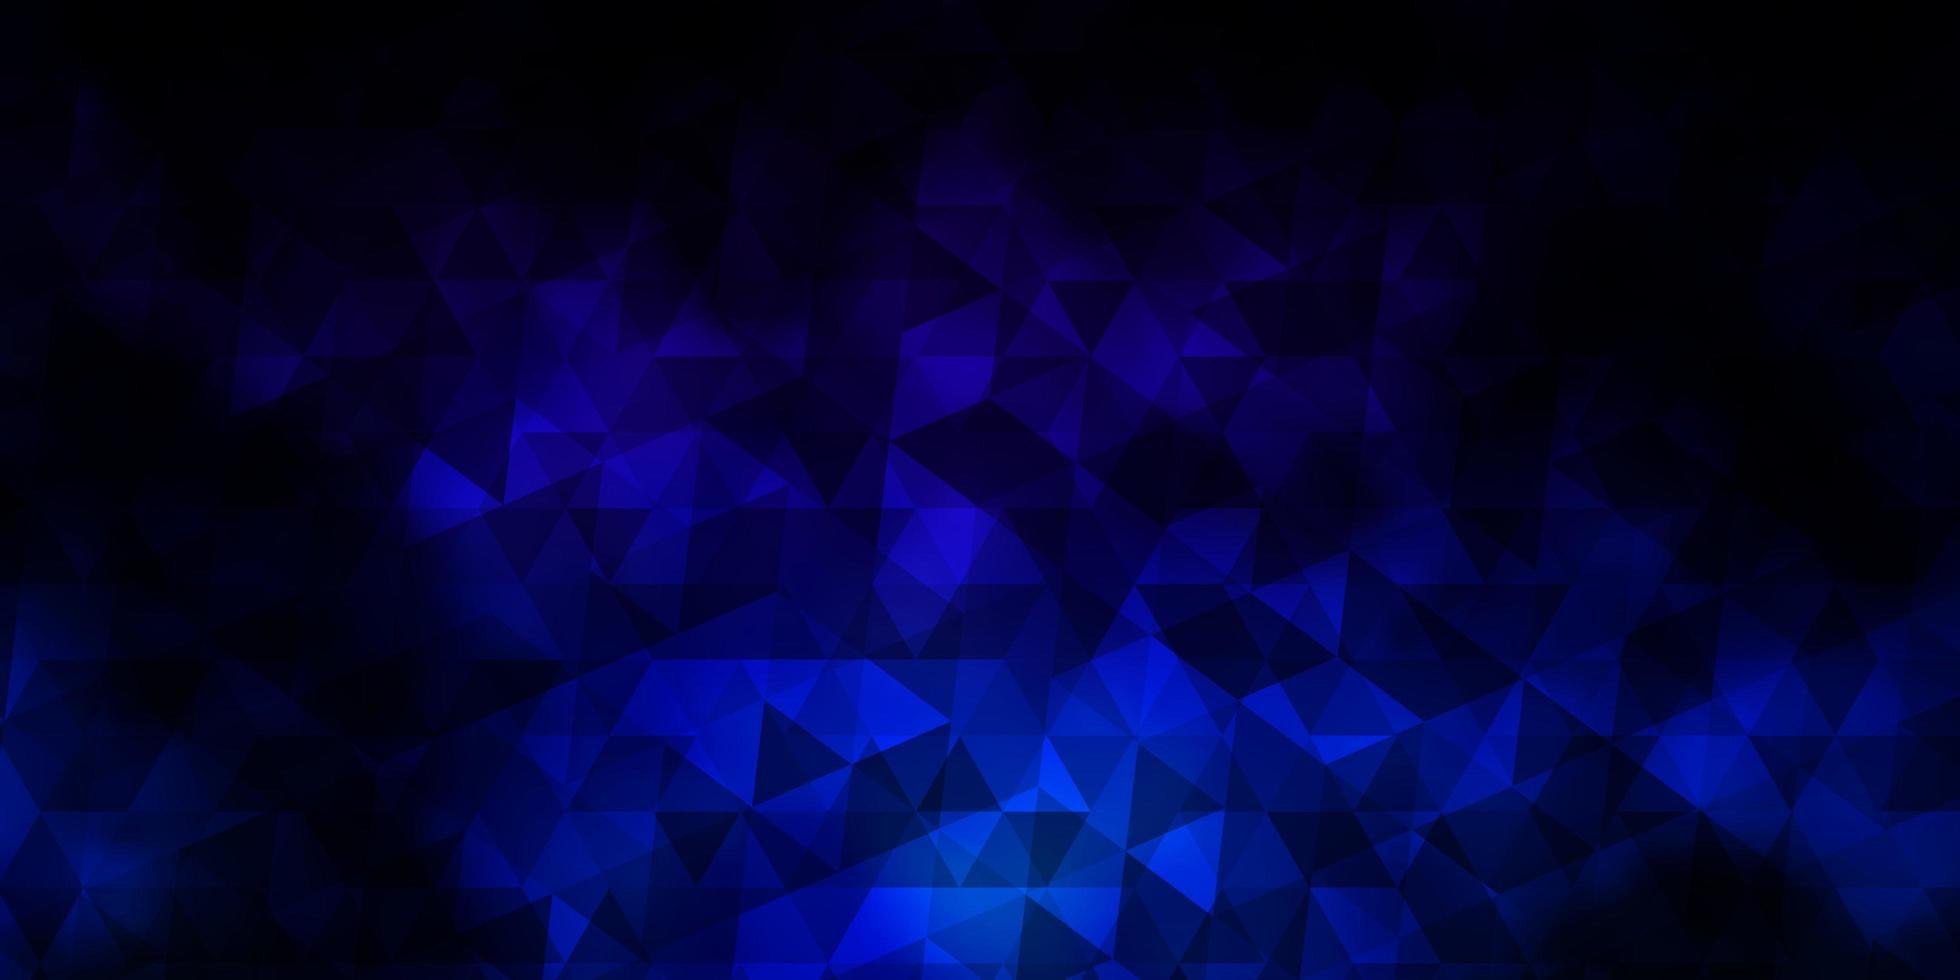 sfondo vettoriale multicolore scuro con stile poligonale.